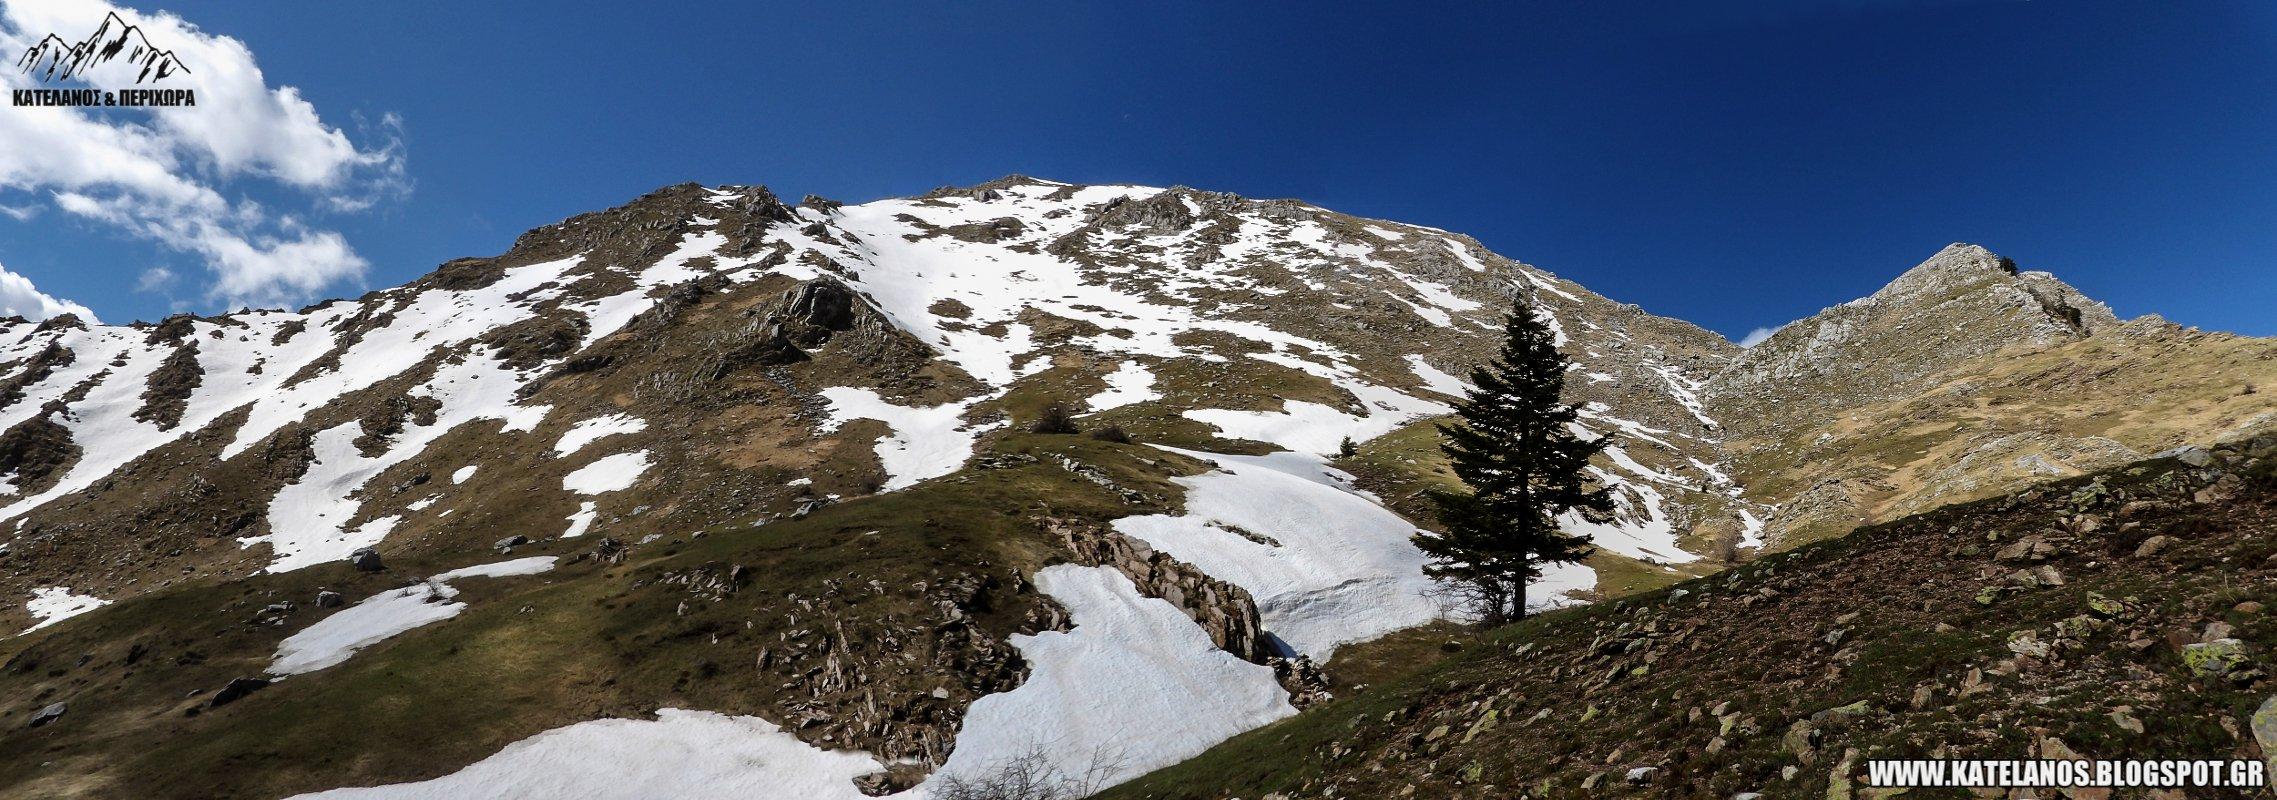 ορη αιτωλιας παναιτωλικο ορος βουνο κατελανος αγρινιο